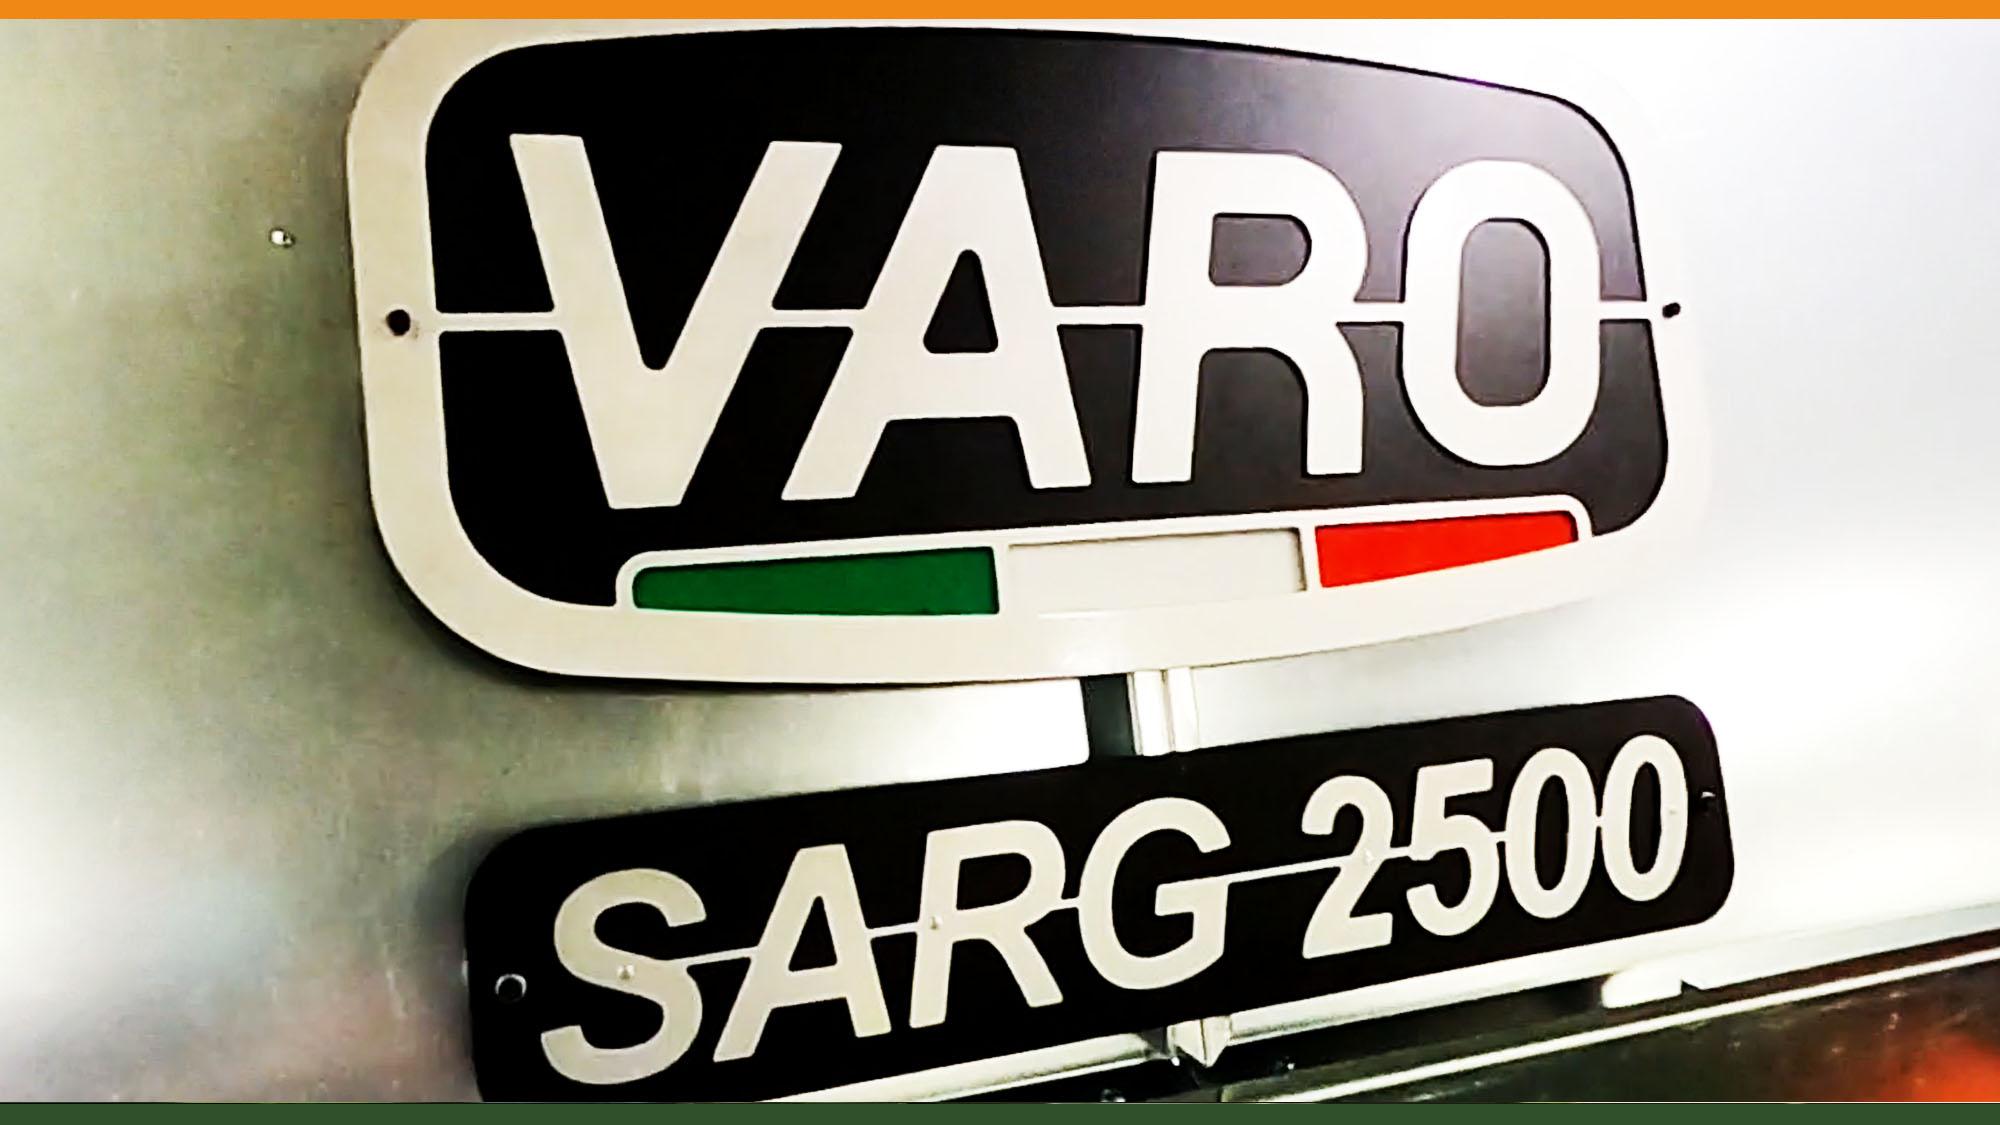 sarg2500_varo0